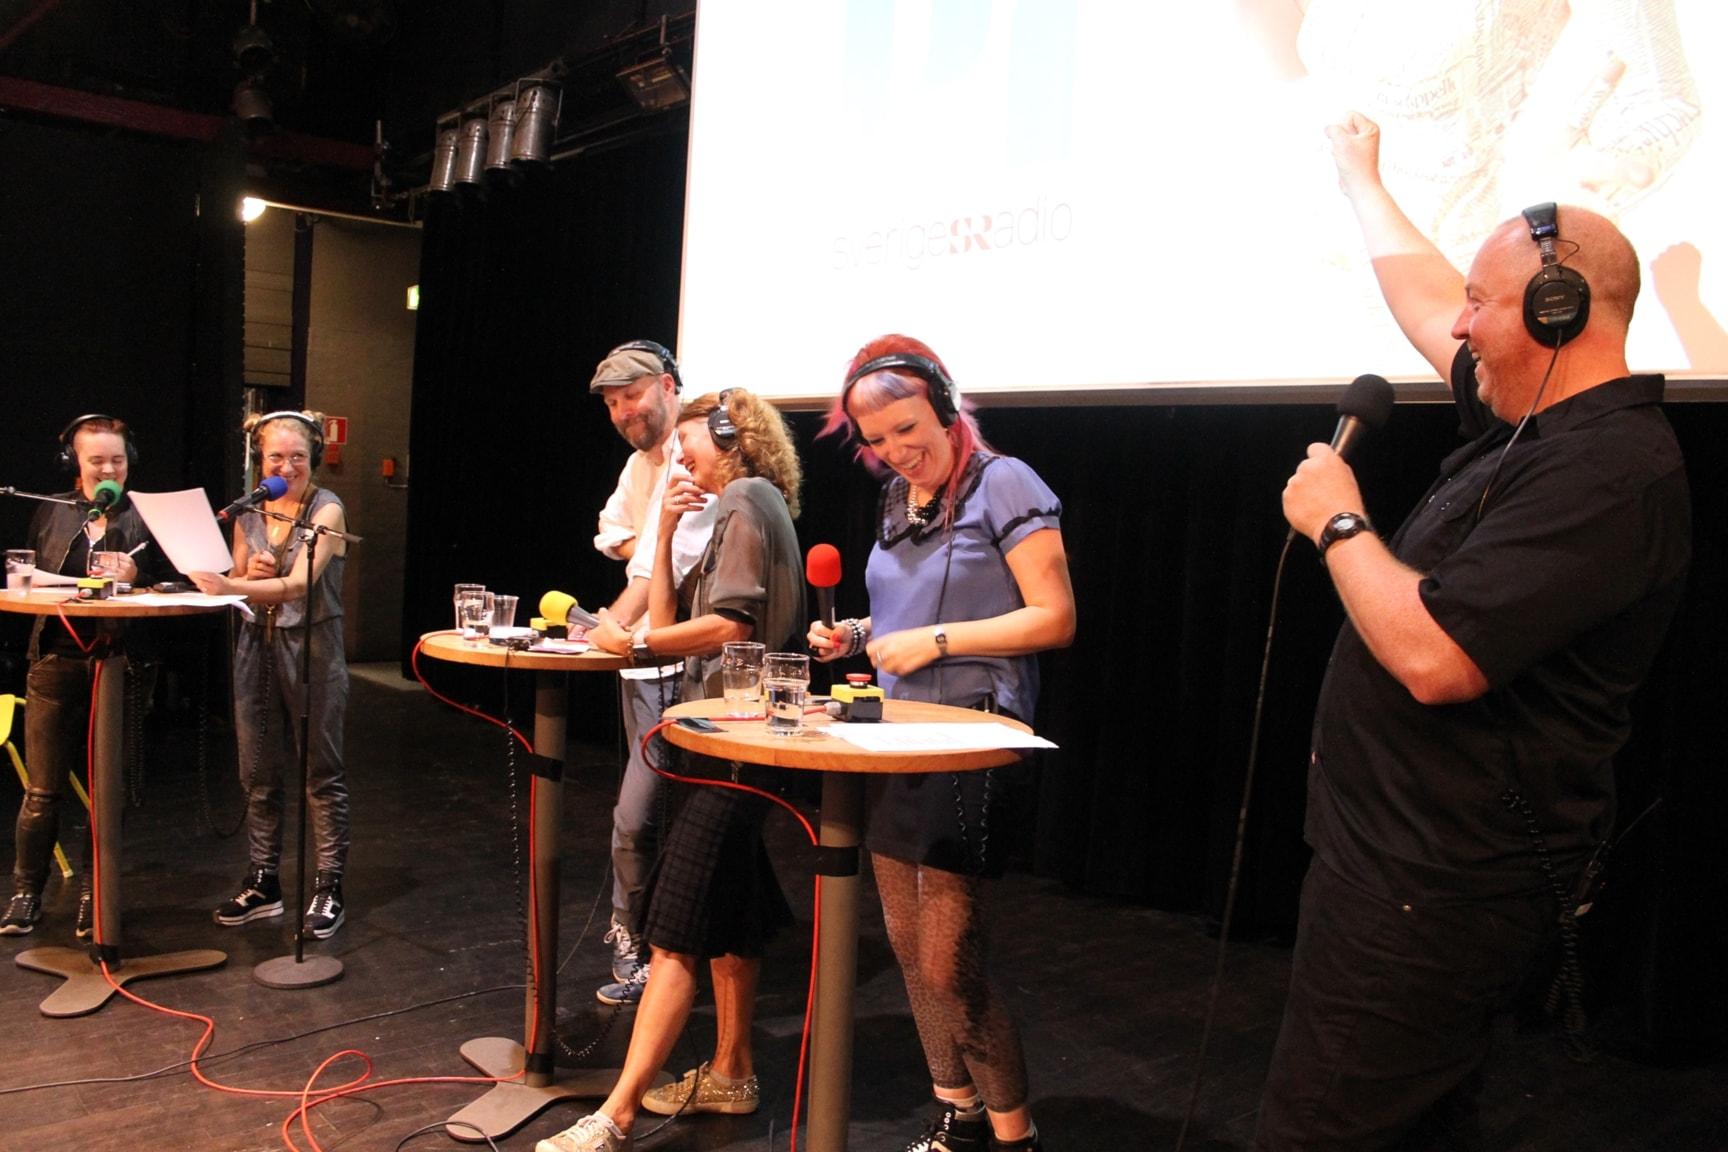 Lantzkampen kommer till Mejeriet i Lund! Kom och var publik!